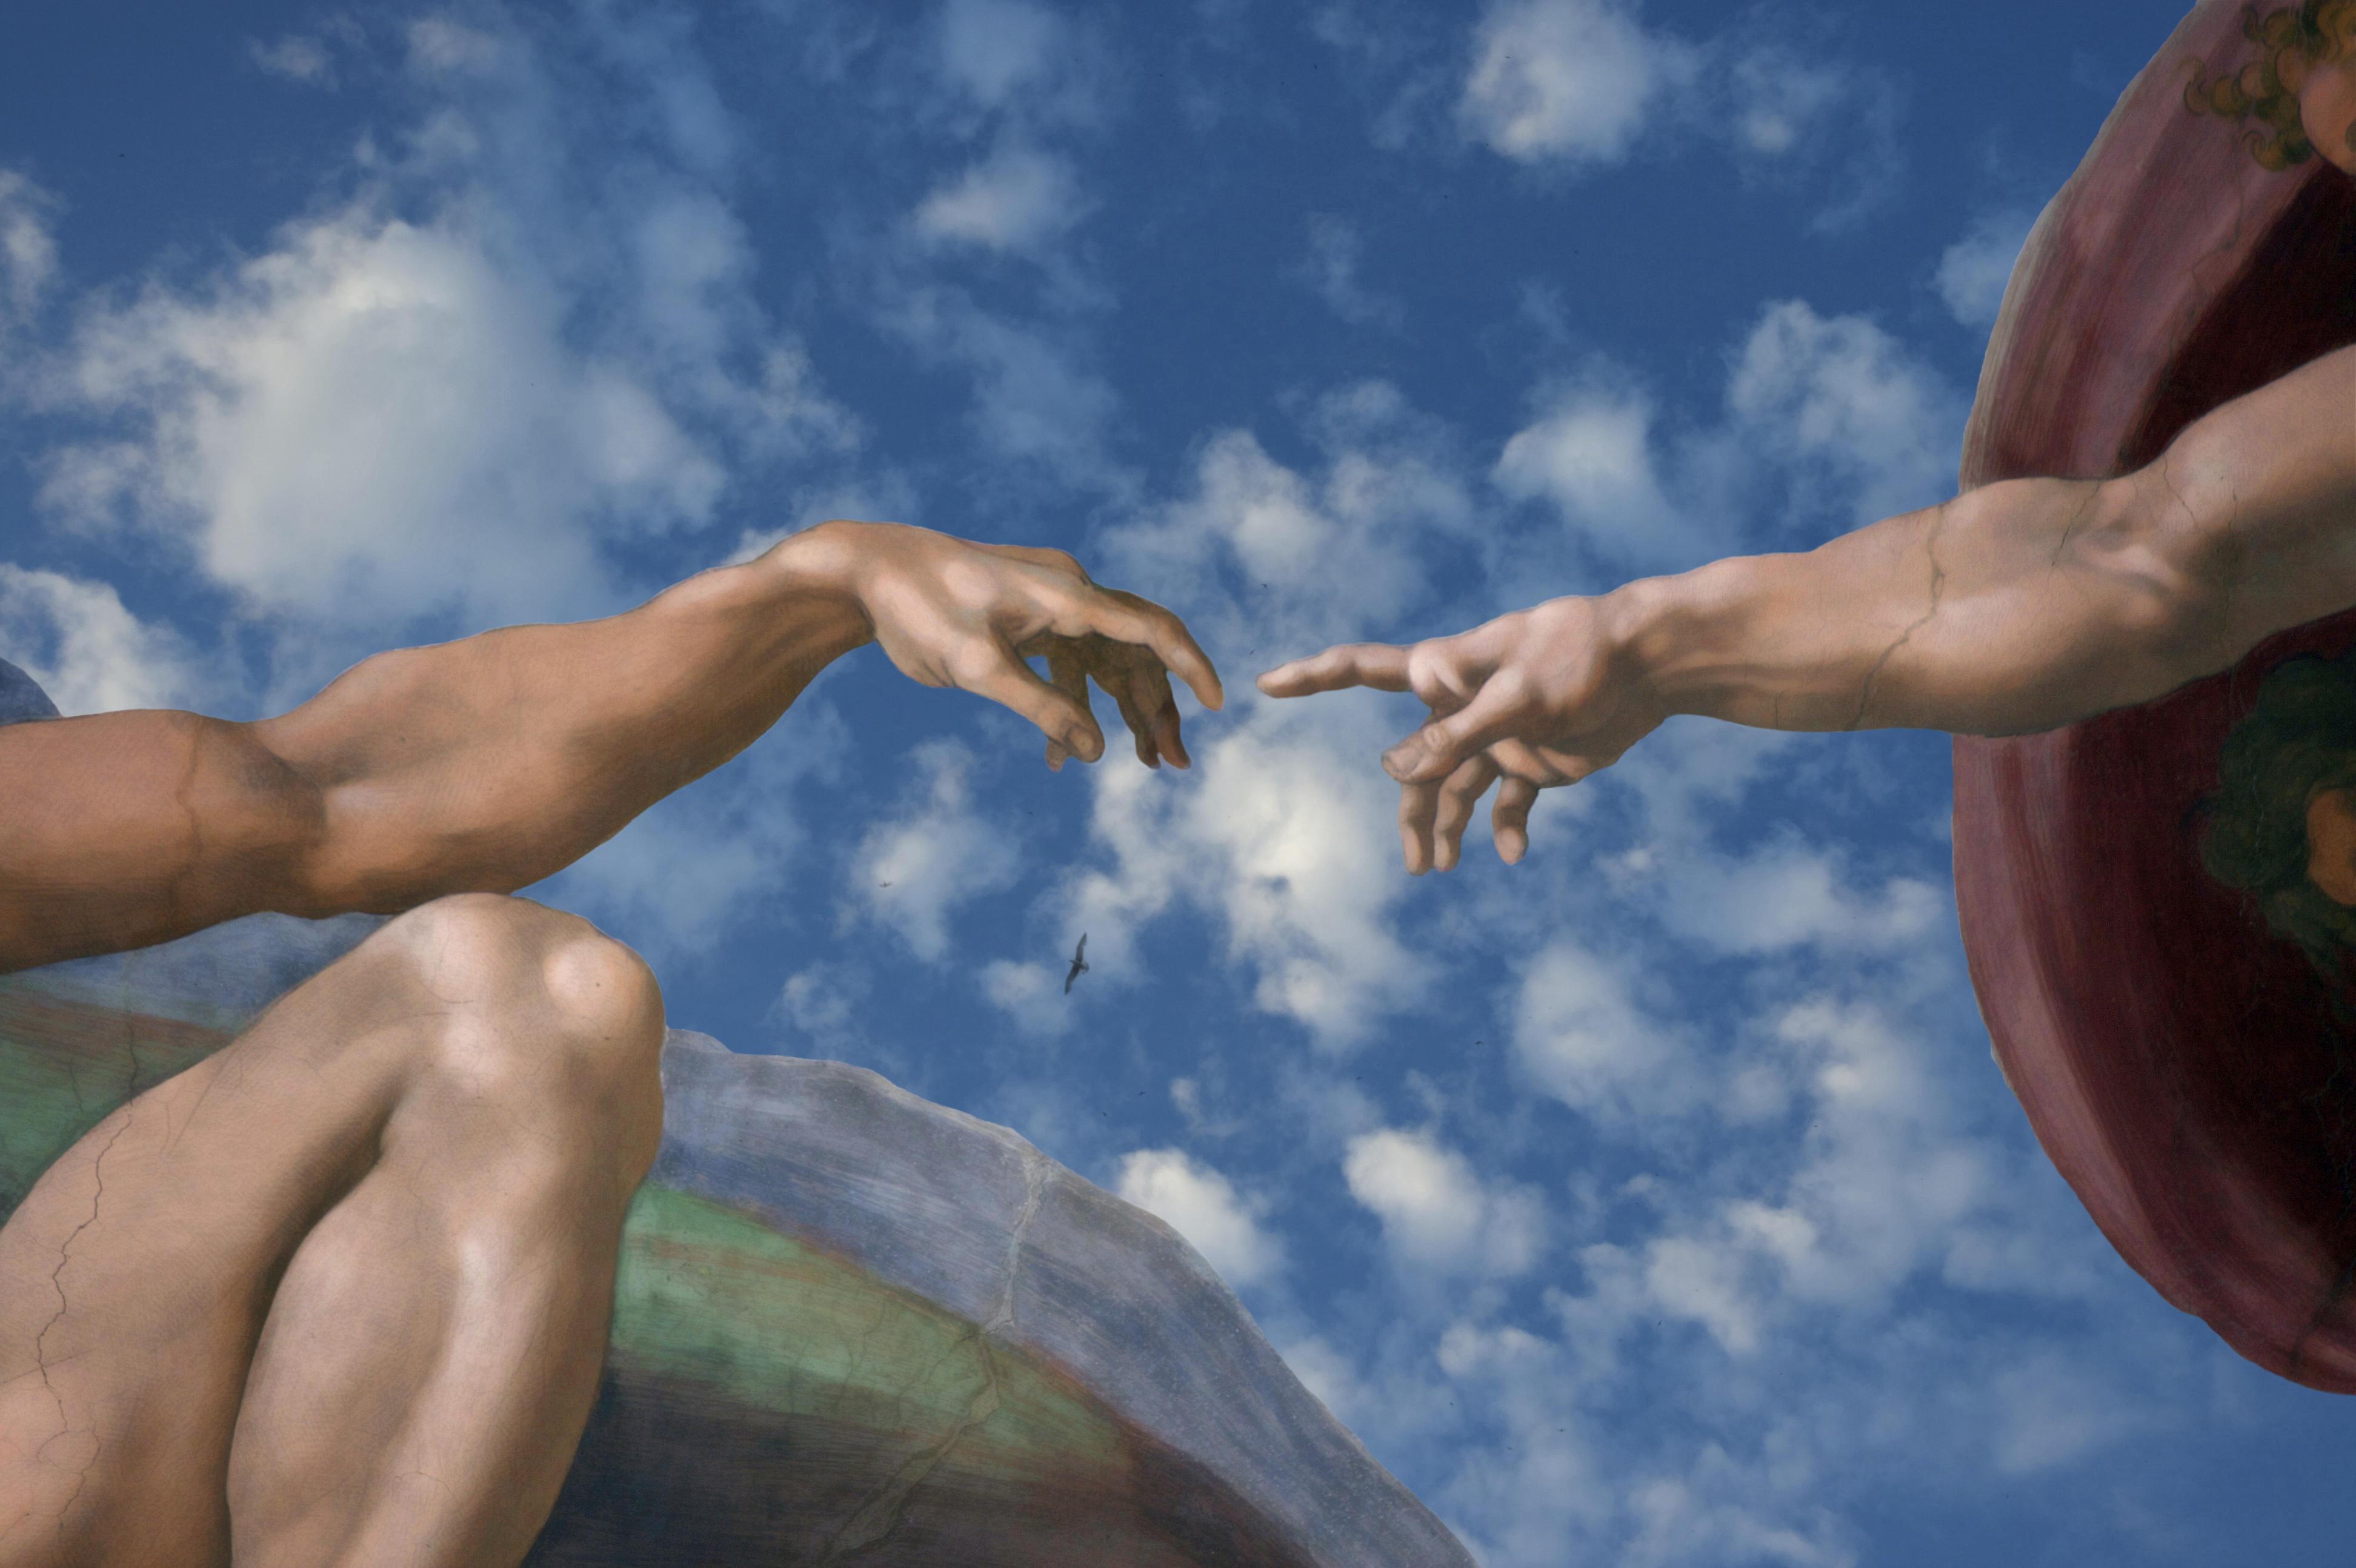 Обои на рабочий стол руки тянущиеся друг к другу